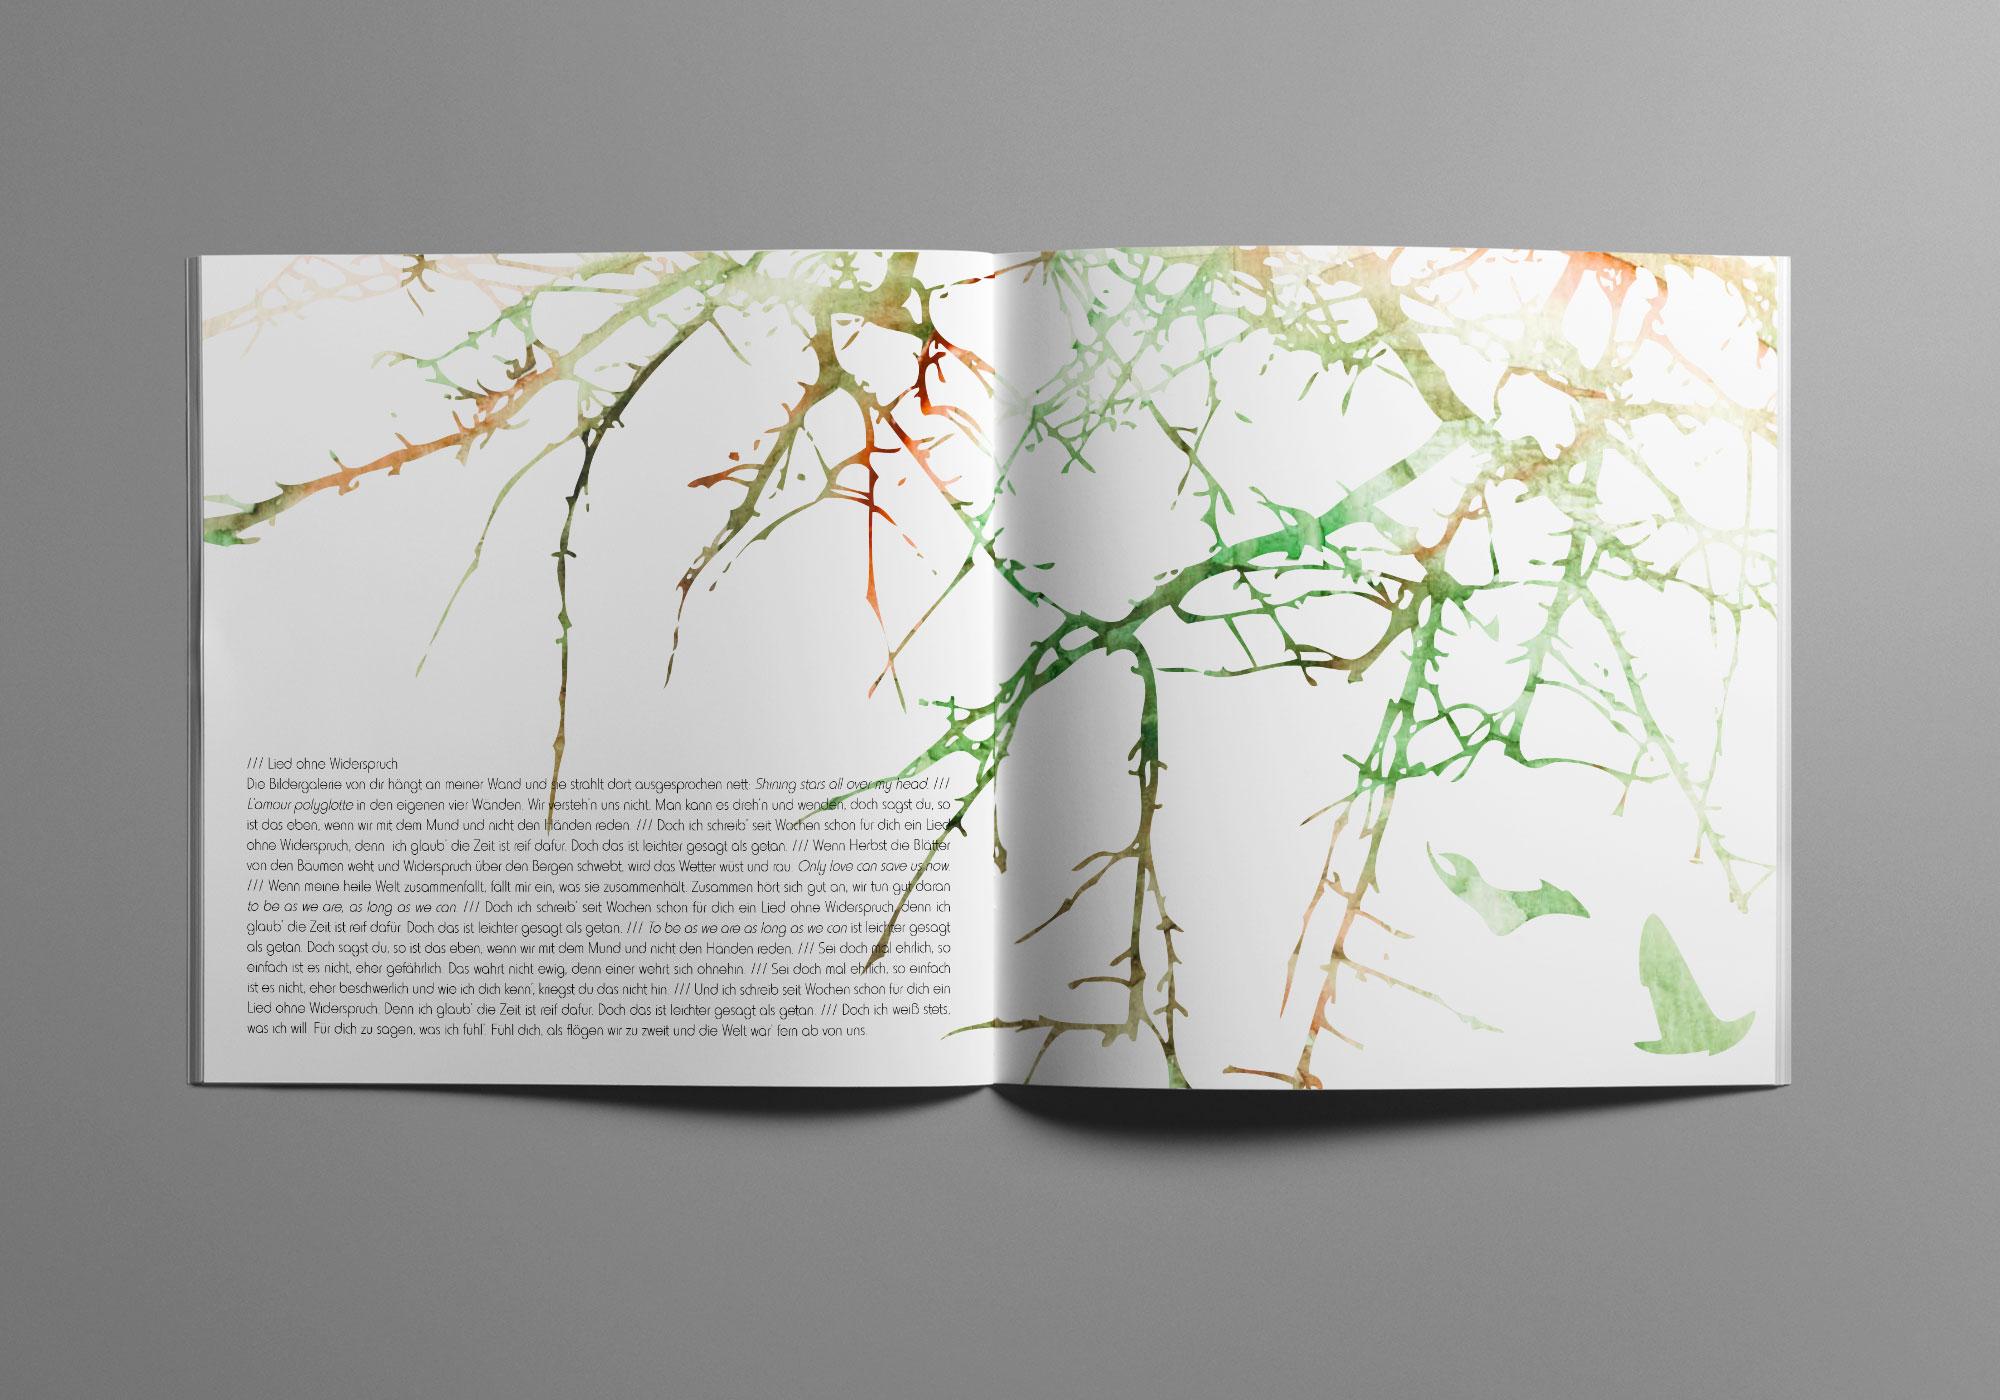 Die Doppelseite des Album Artworks zeigt feines Astwerk.